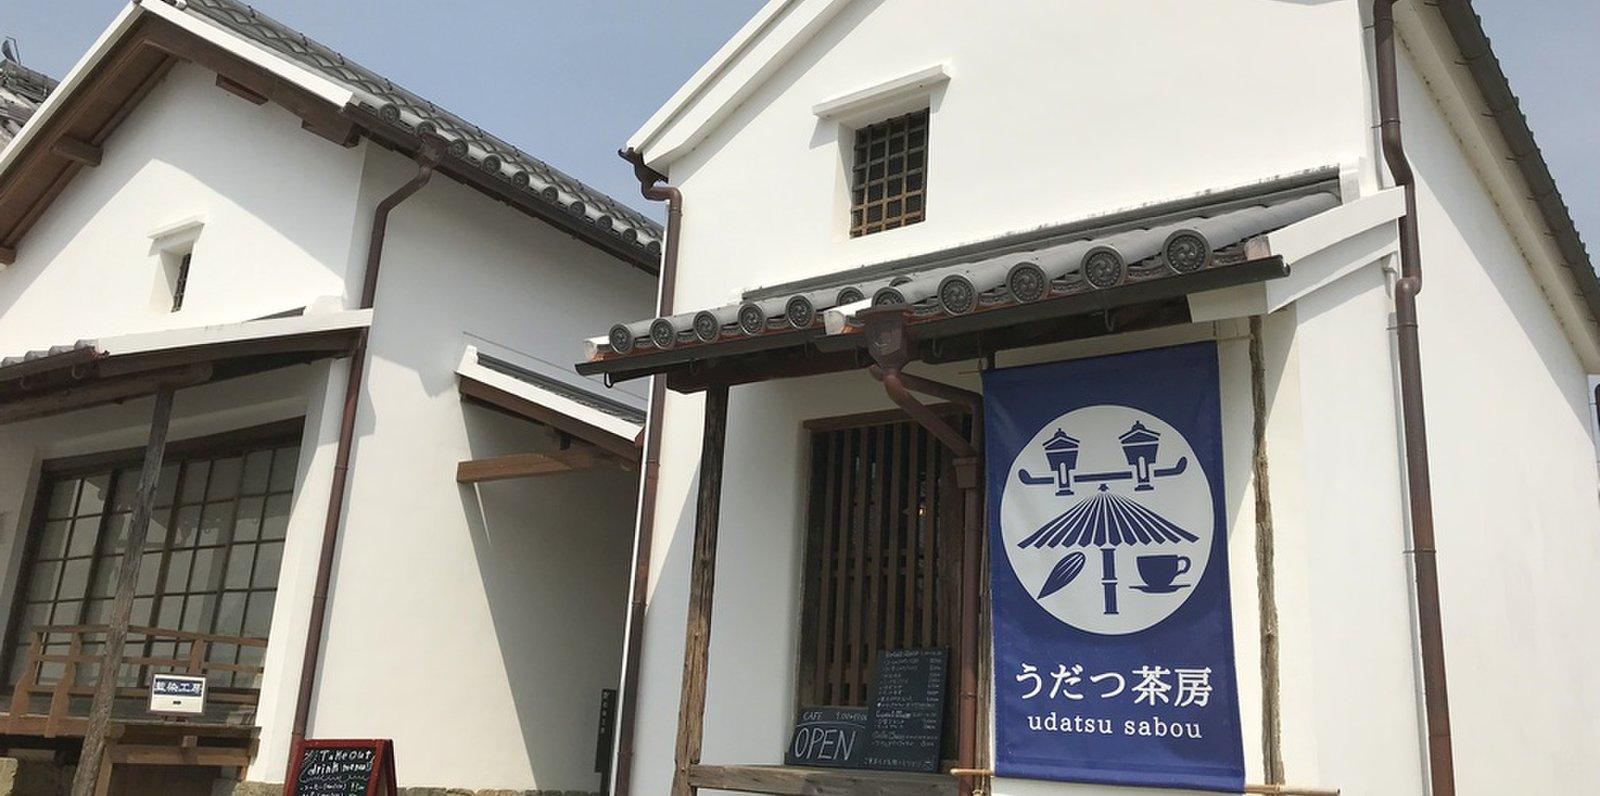 Udatsu teahouse